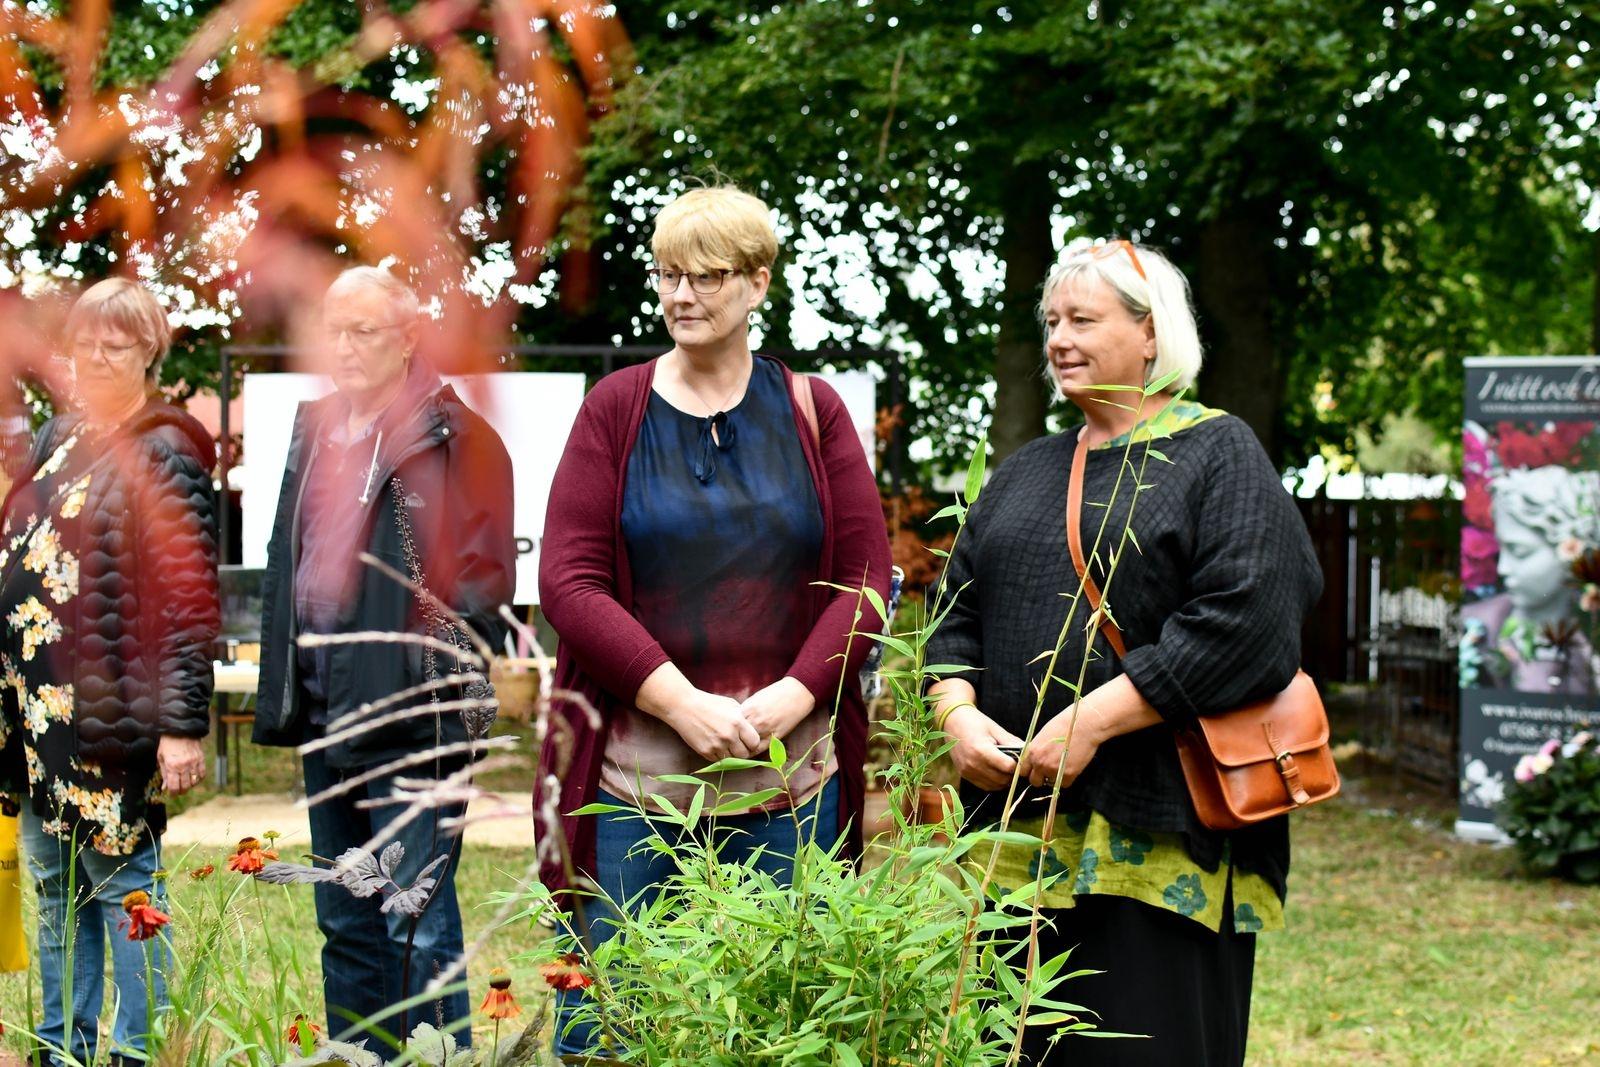 Ing-Marie Nilsson och Jeanette Håkansson hade kört från Önnestad respektive Kristianstad för att besöka trädgårdsmässan i Lunnarp.